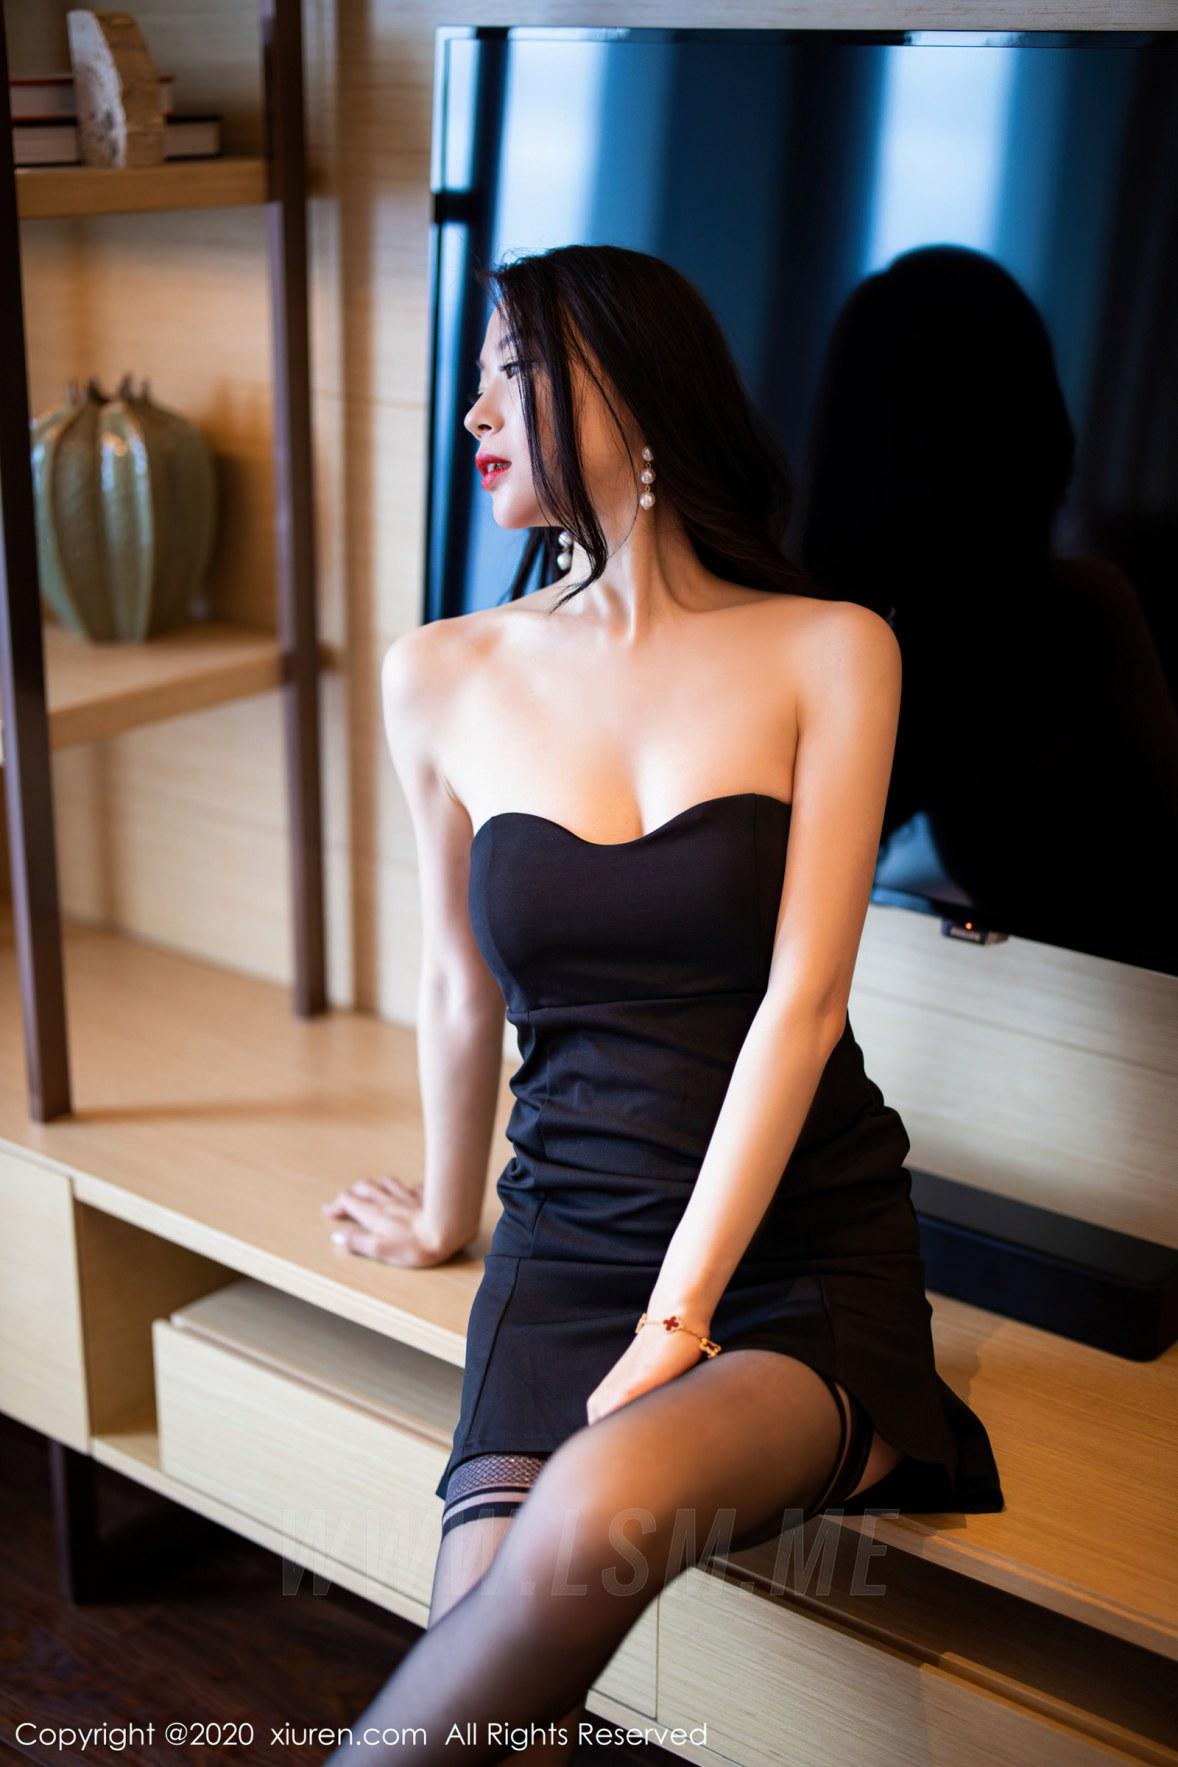 2535 031 qq0 3600 5400 - XiuRen 秀人 No.2535  黑丝魅惑抹胸 梦心月 - 秀人网 -【免费在线写真】【丽人丝语】